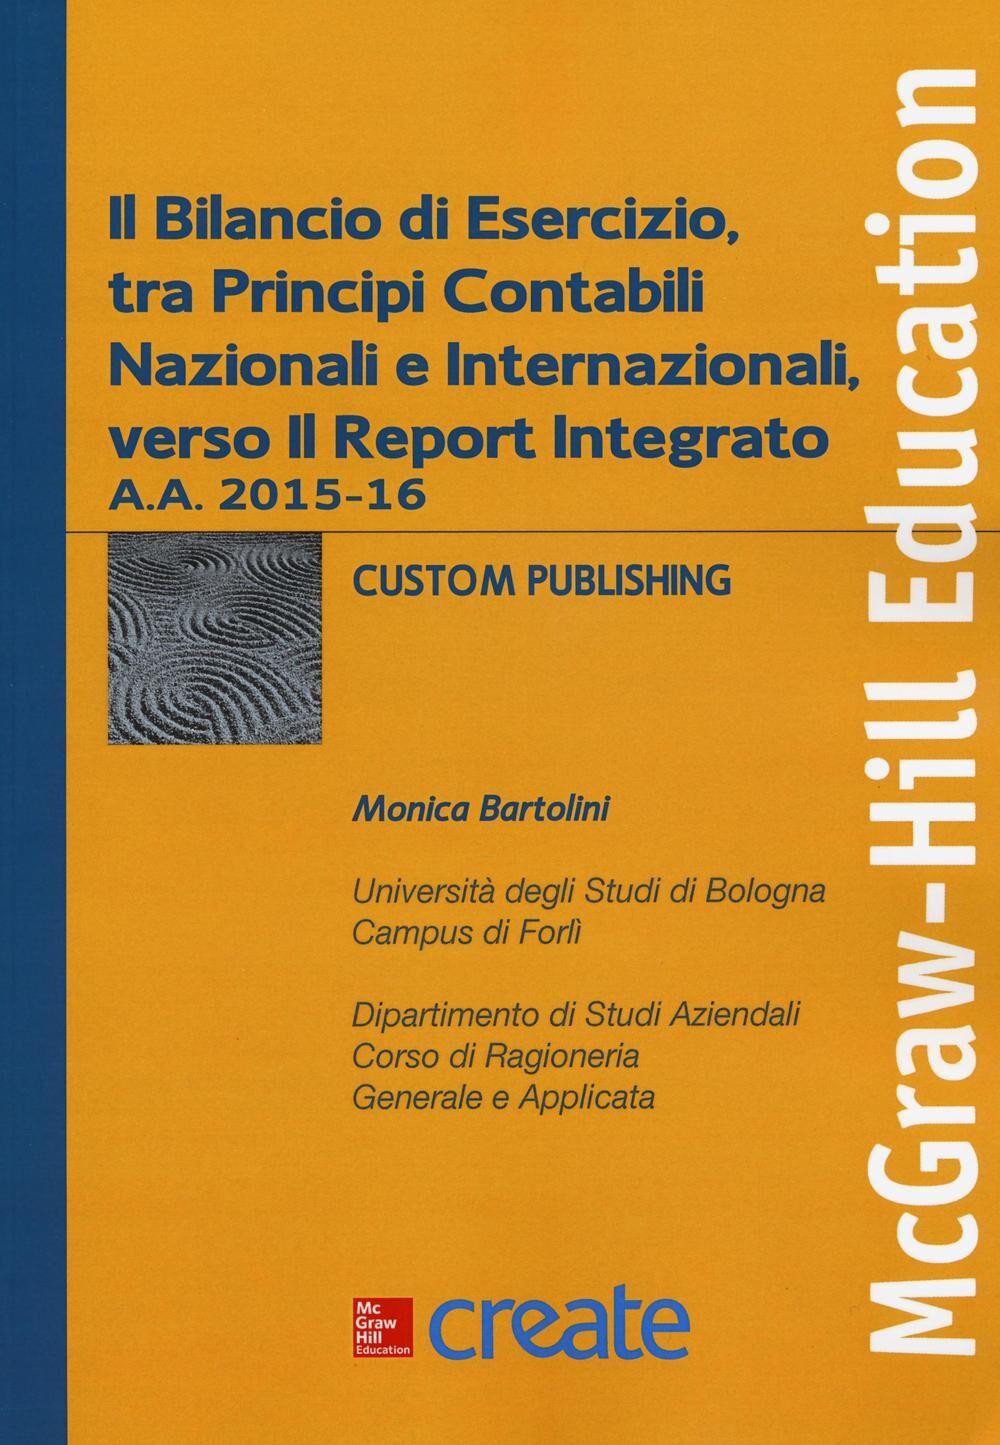 Il bilancio di esercizio, tra principi contabili nazionali e internazionali, verso il Report Integrato a.a. 2015-16